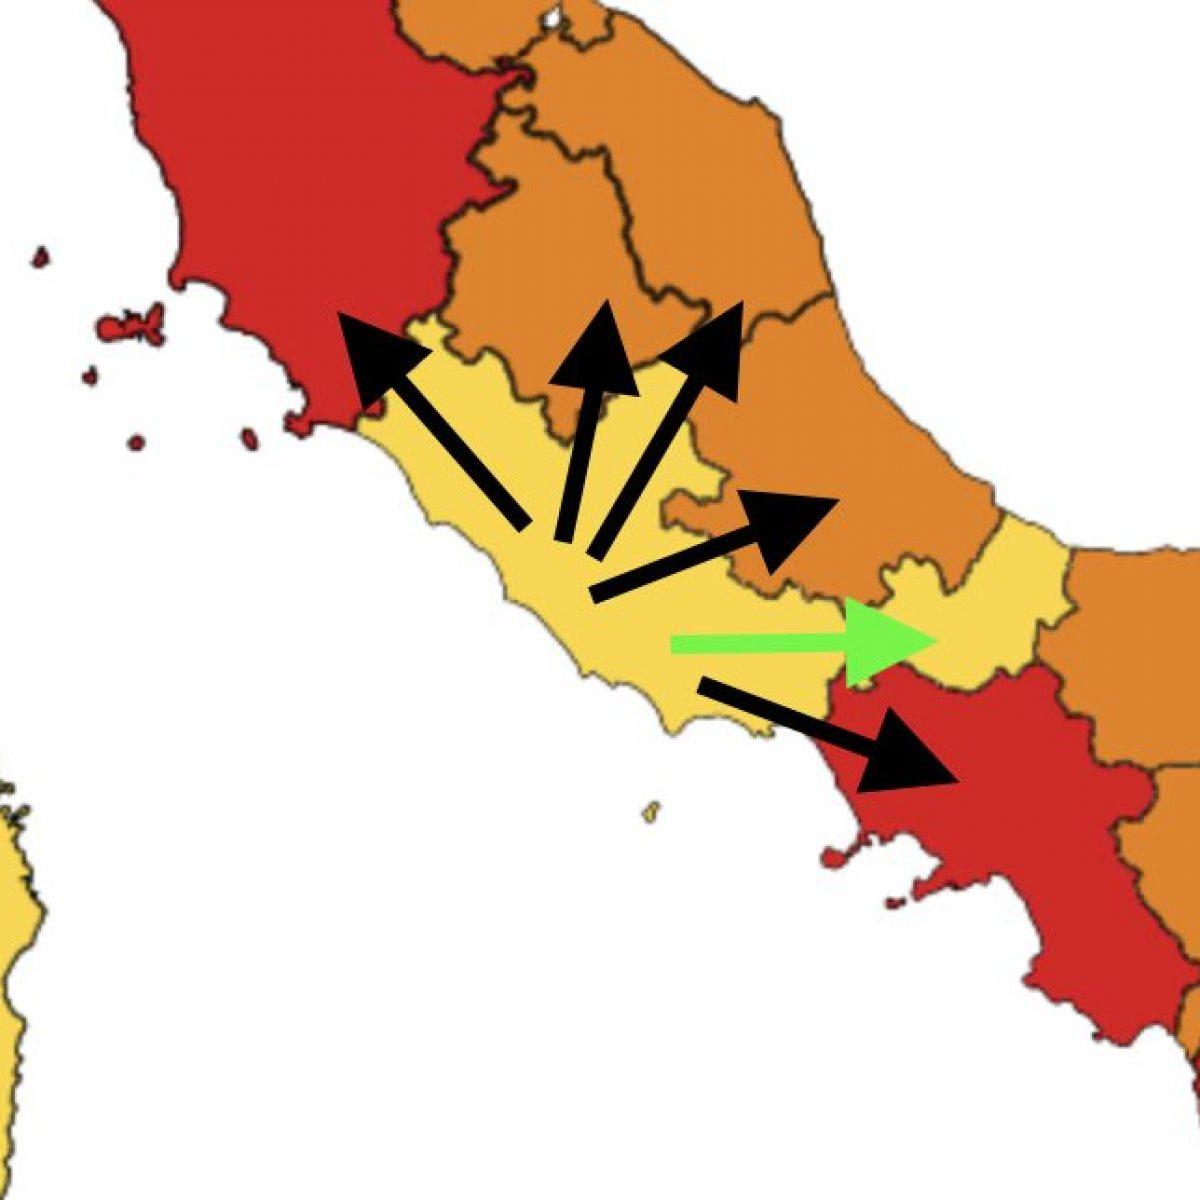 Lazio zona gialla ma 'accerchiato': perché è praticamente impossibile  uscire dalla regione